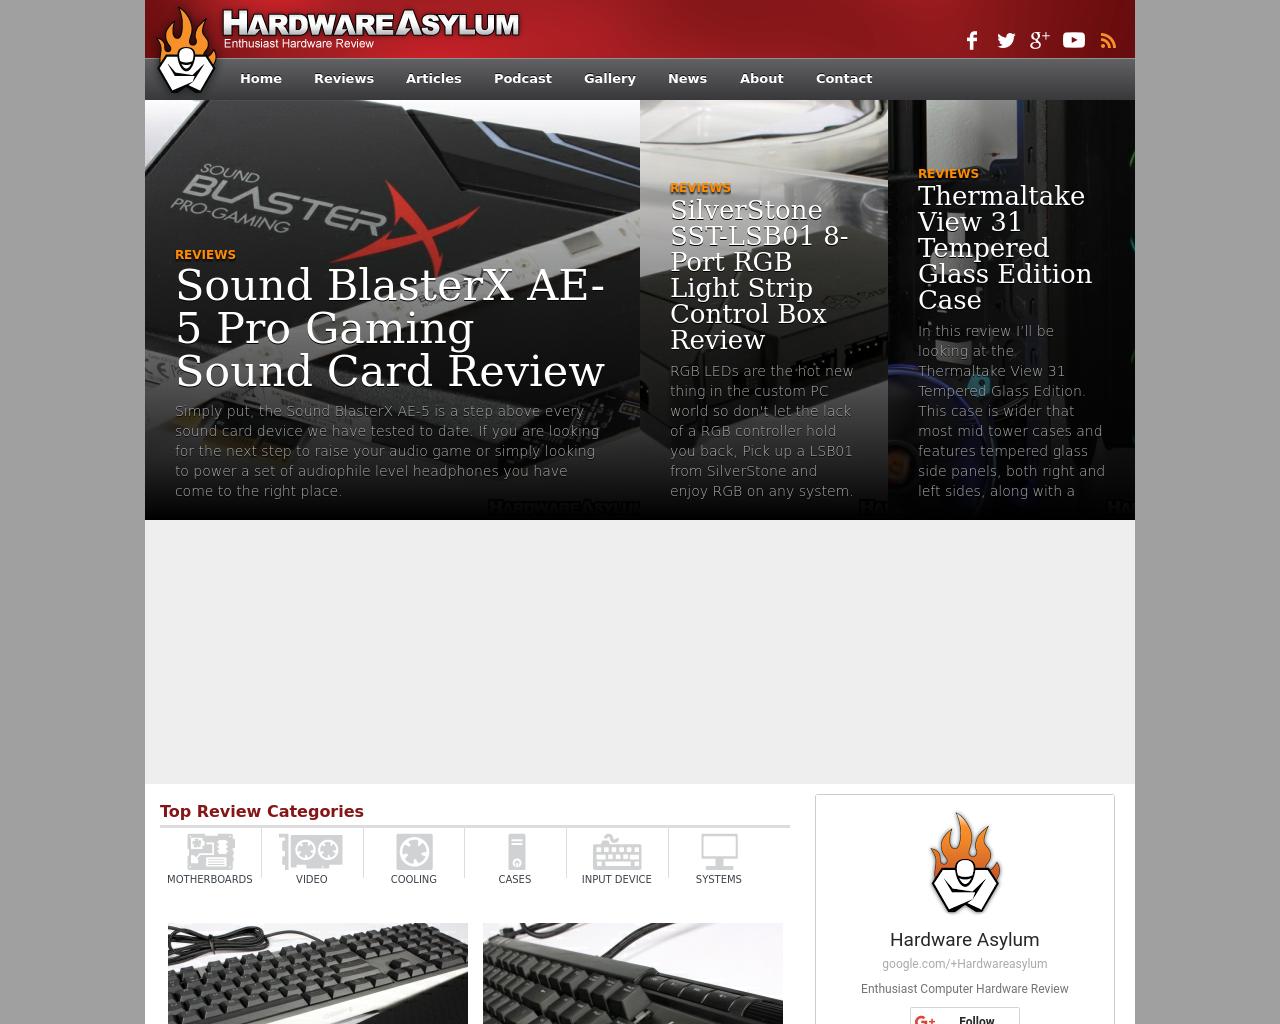 Hardware-Asylum-Advertising-Reviews-Pricing